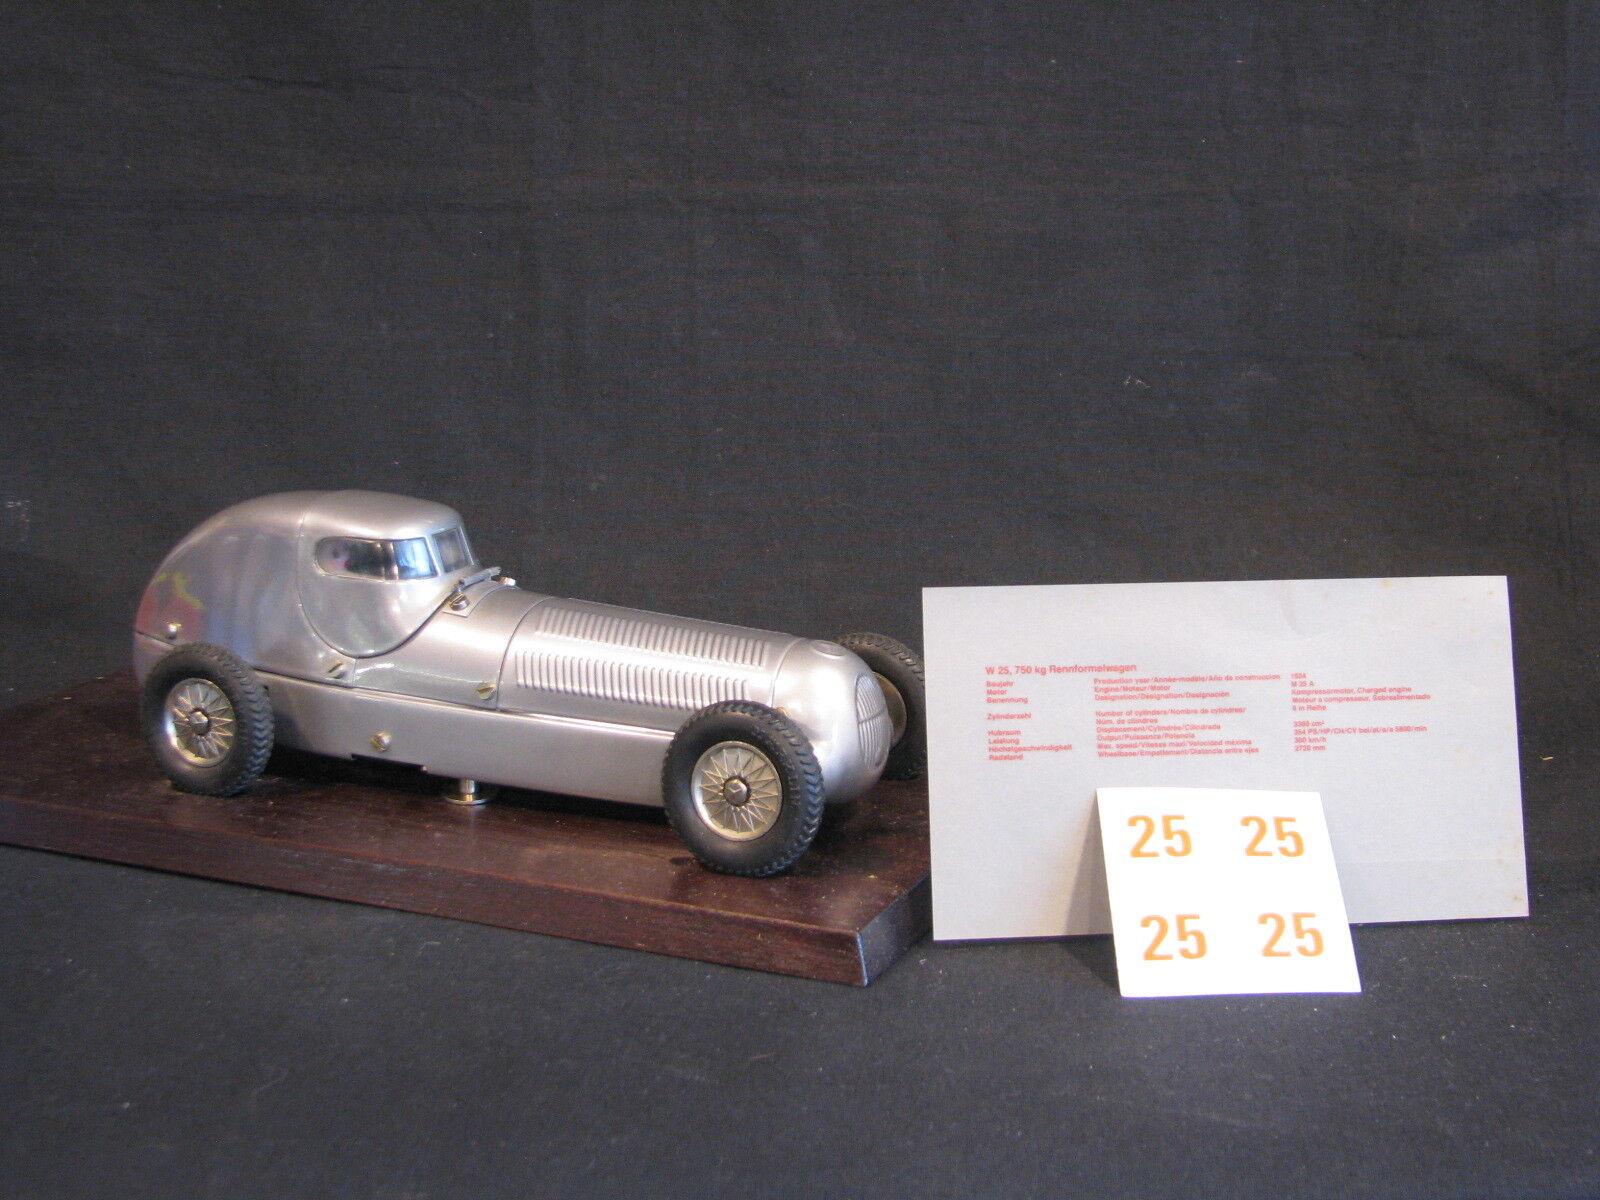 Märklin Mercedes-Benz W25 Rekordwagen 1934 1 18 Caracciola Tinplate Racer (JS)